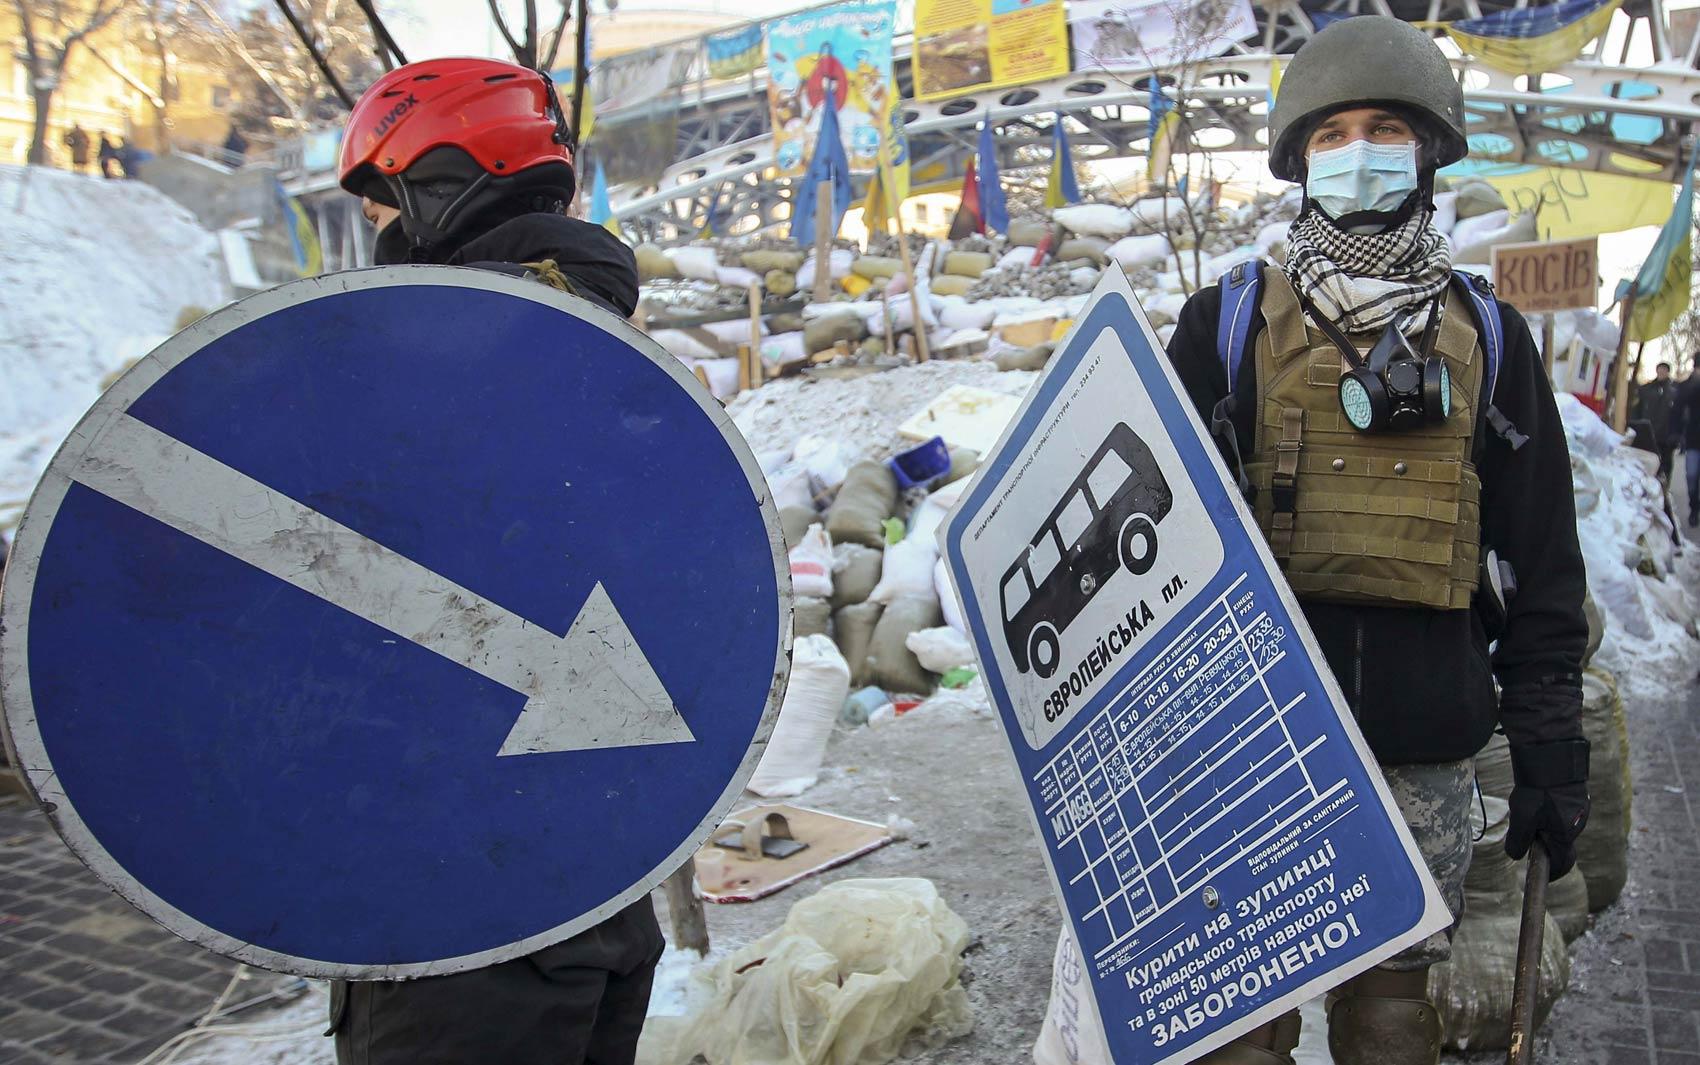 Manifestantes ucranianos usam placas de trânsito como escudos improvisados ao lado de uma barricada construída em rua do centro de Kiev